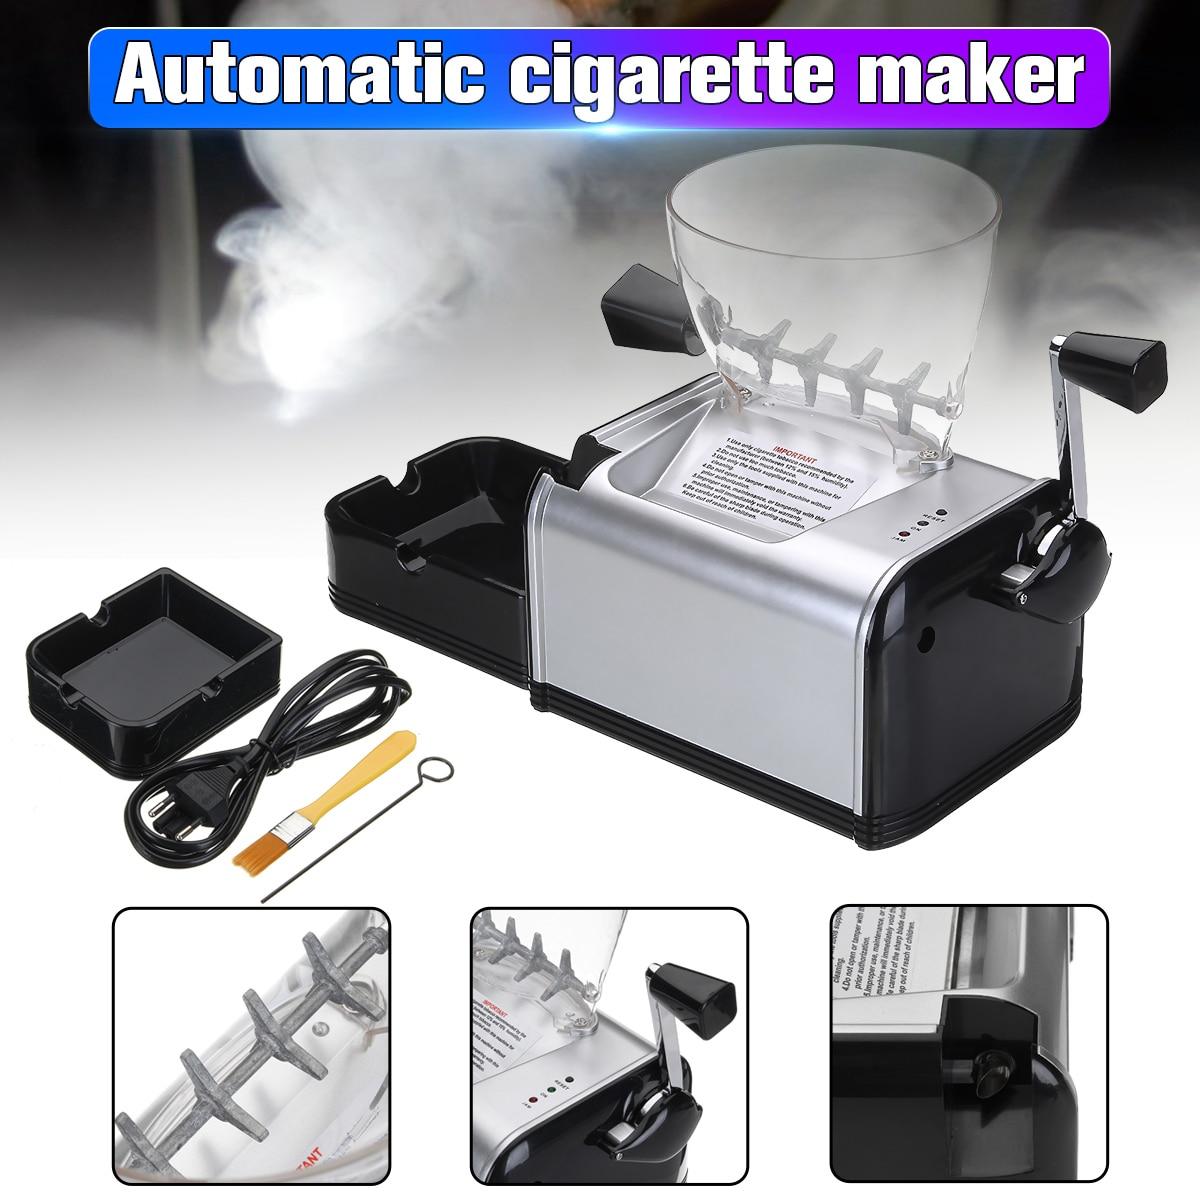 Купить машинку для сигарет на алиэкспресс дакота сигареты купить ярославль